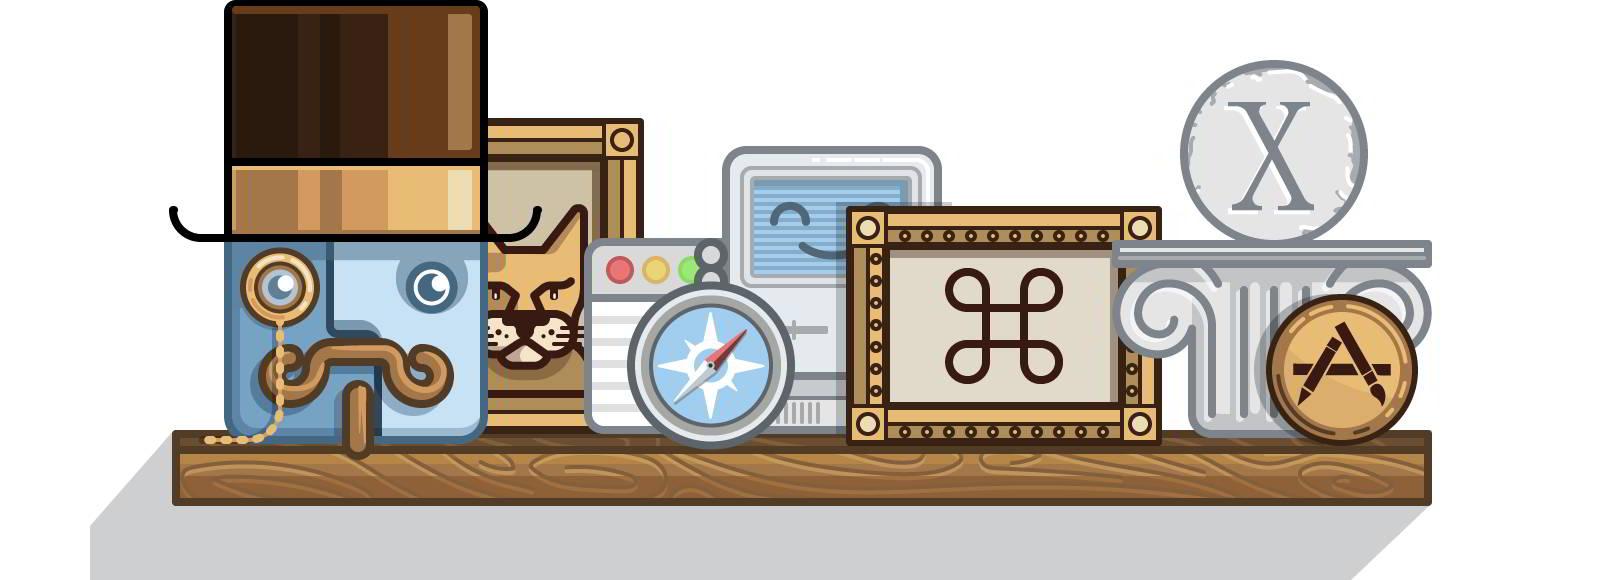 OS X istorie ilustrata